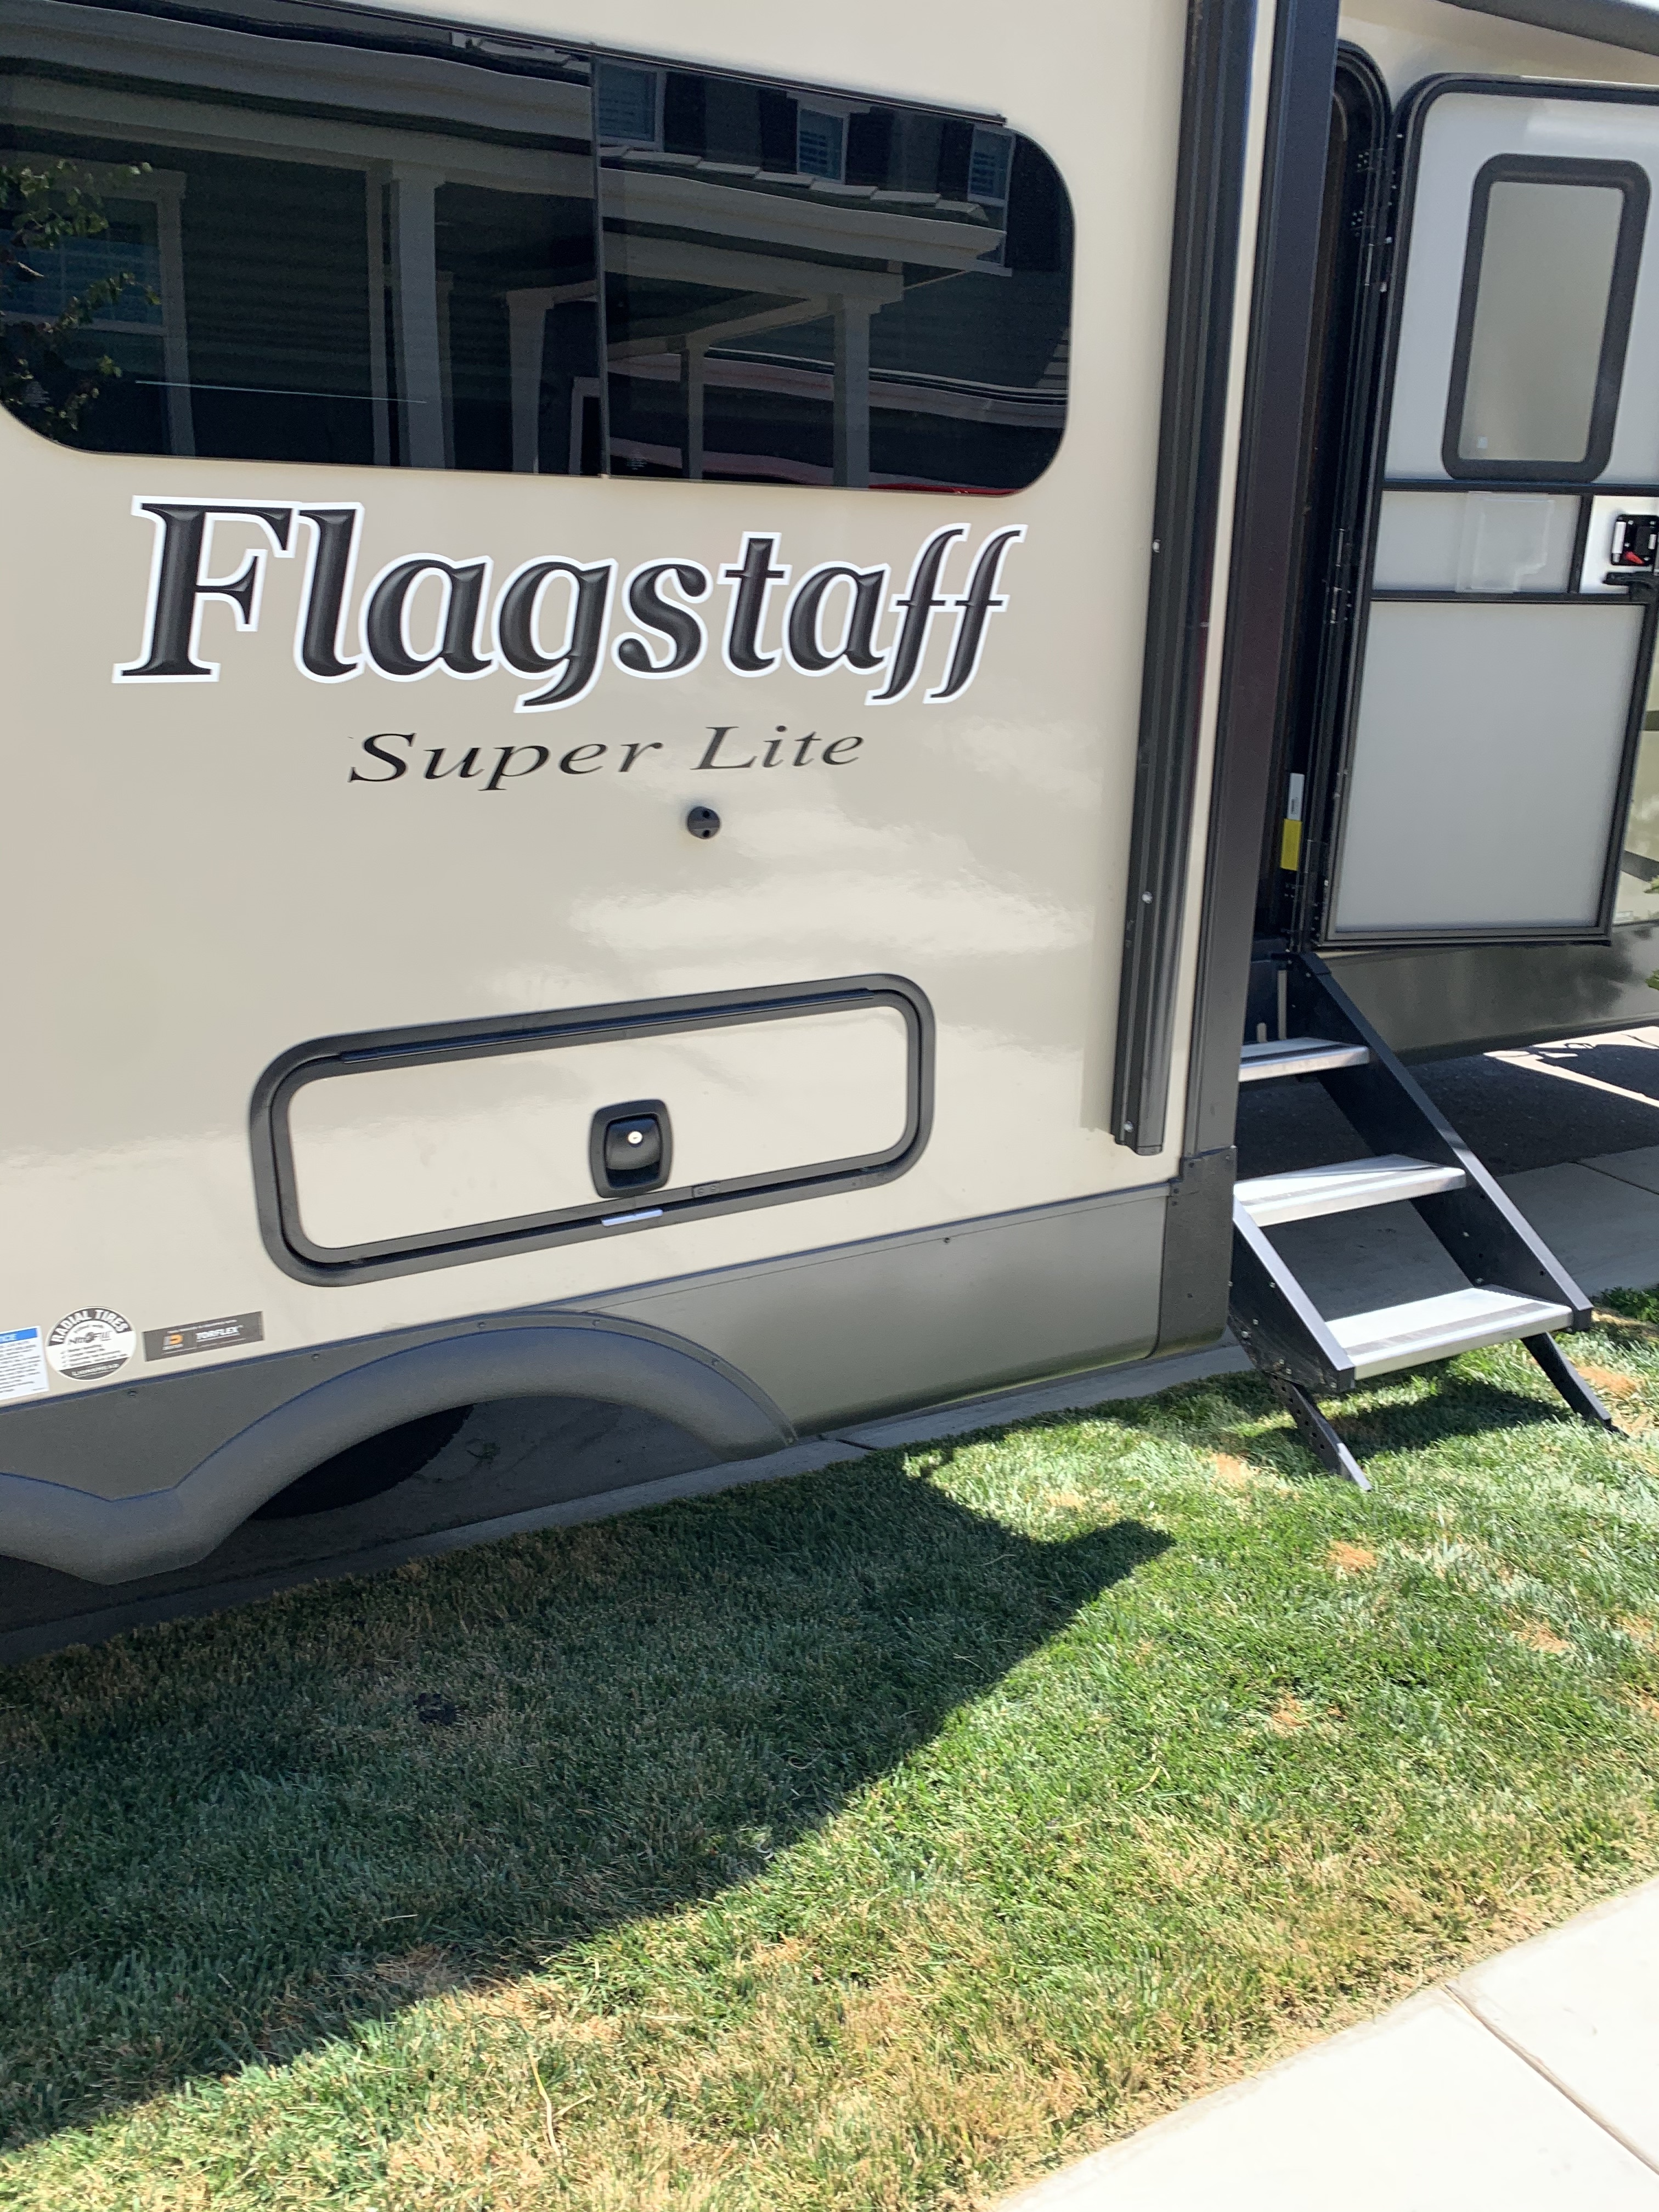 Flagstaff Super Lite 2020